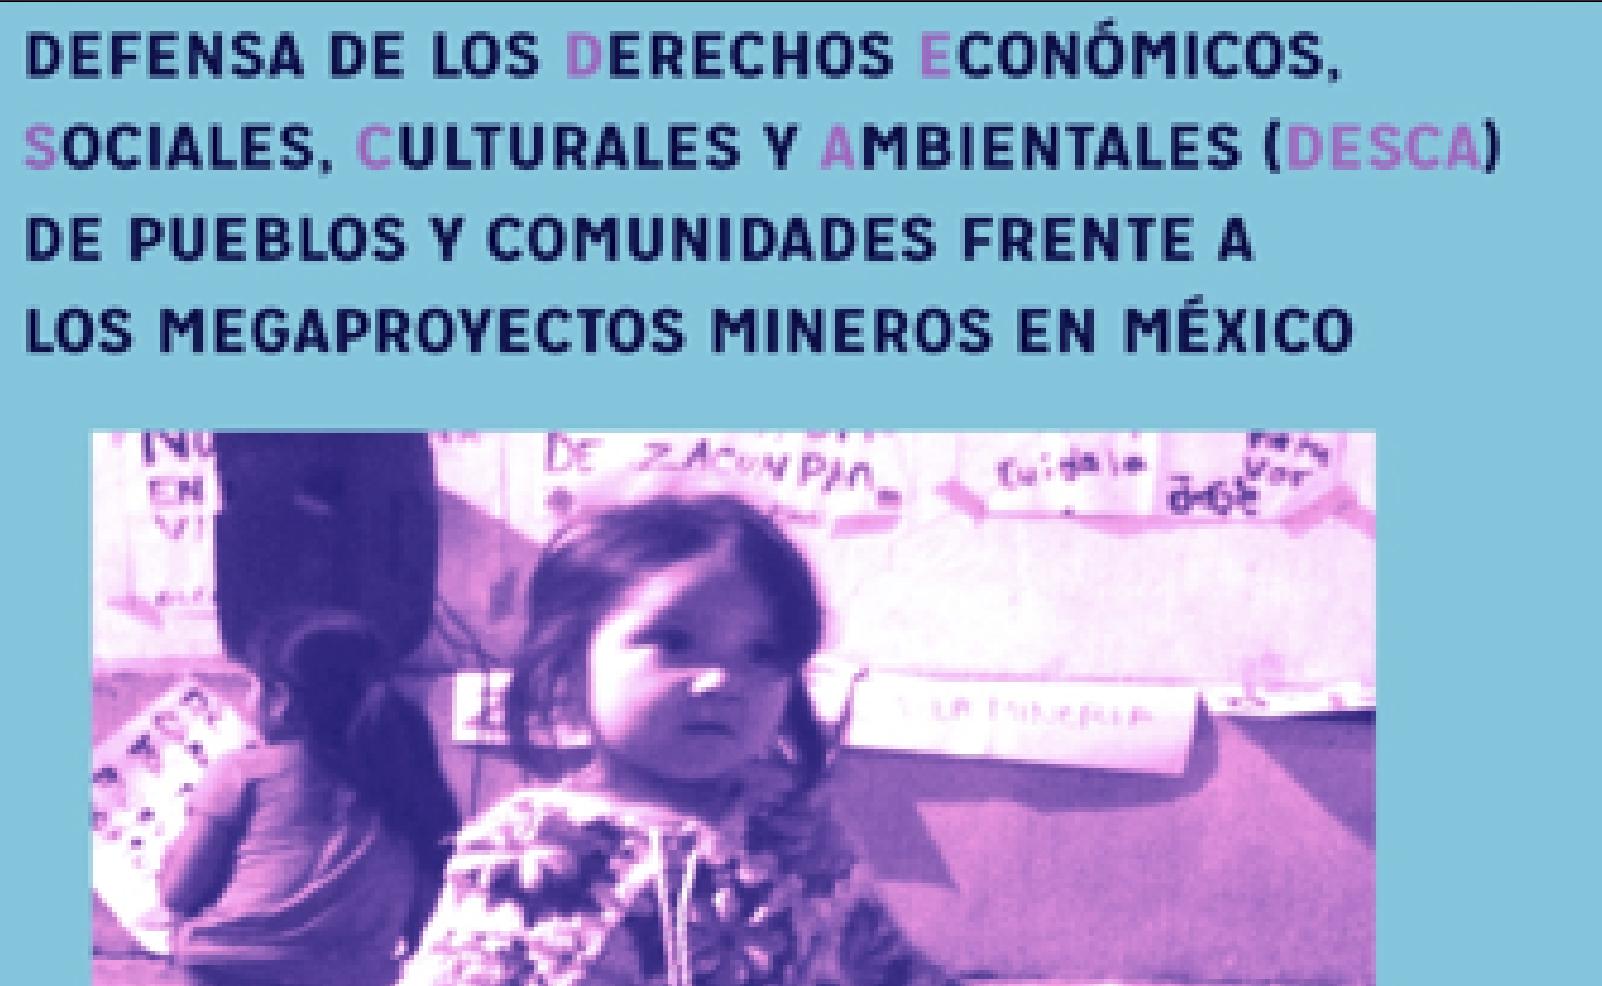 Defensa de los Derechos Económicos, Sociales, Culturales y Ambientales